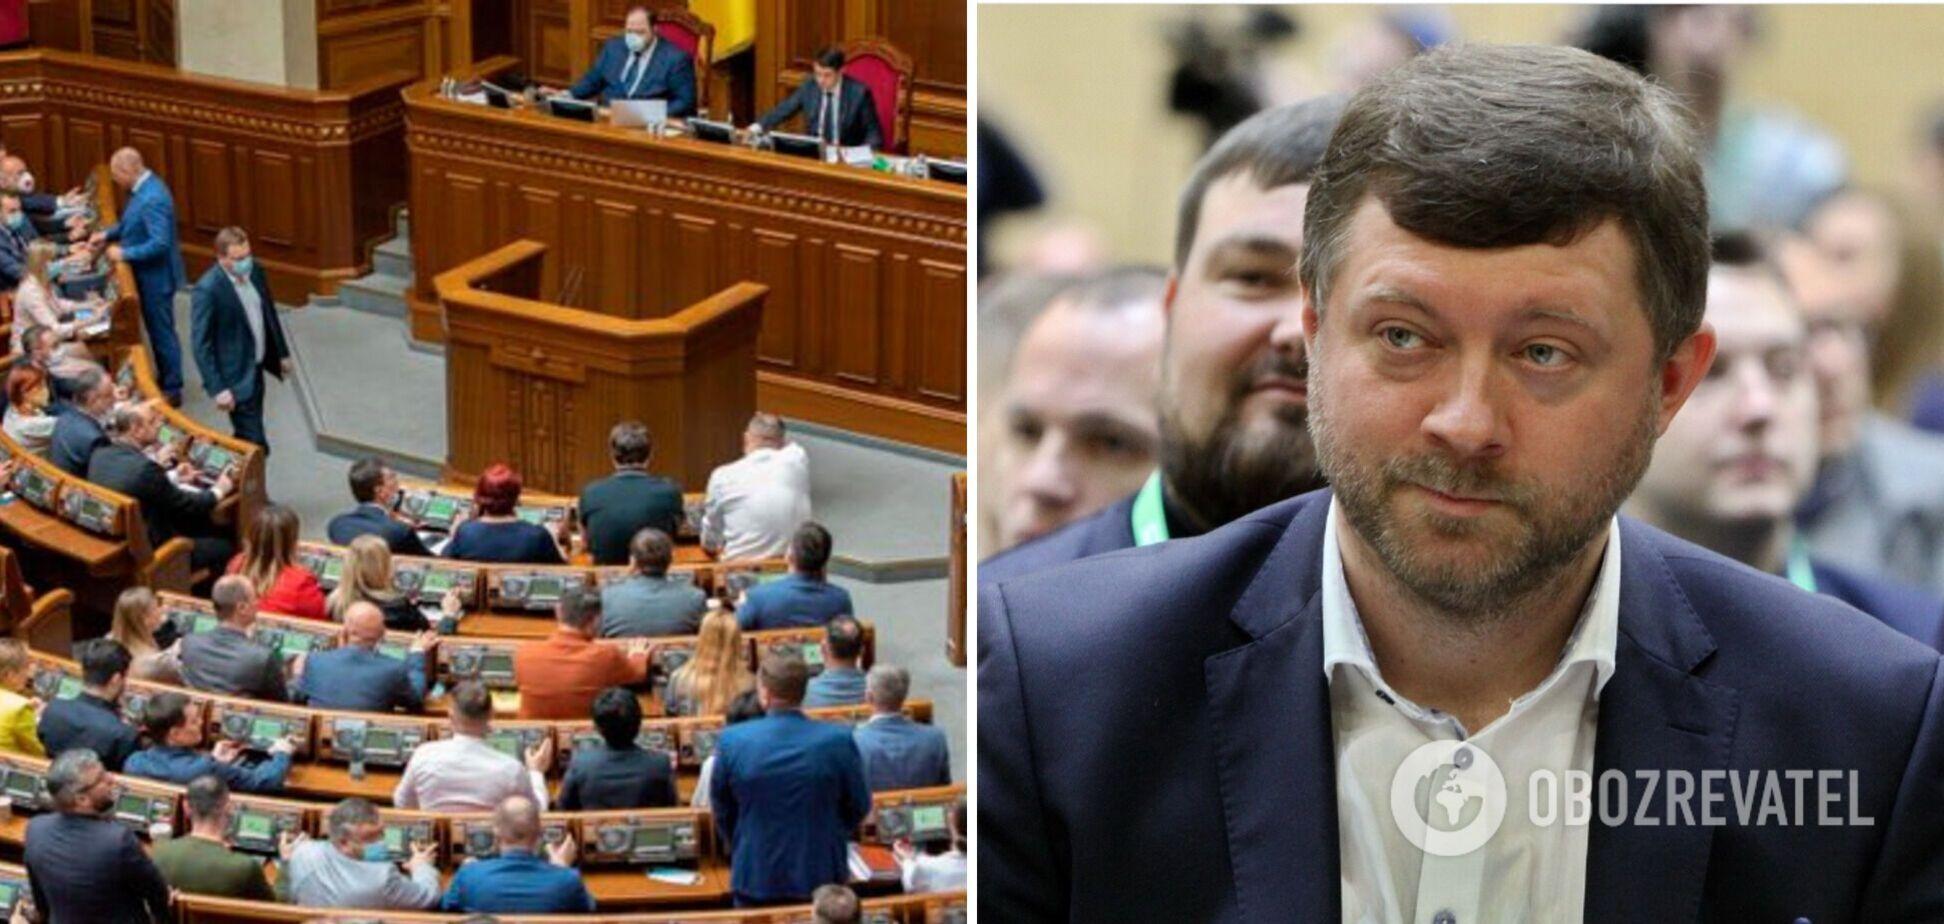 'Называть коллег не буду': Корниенко рассказал, кто может попасть в реестр олигархов